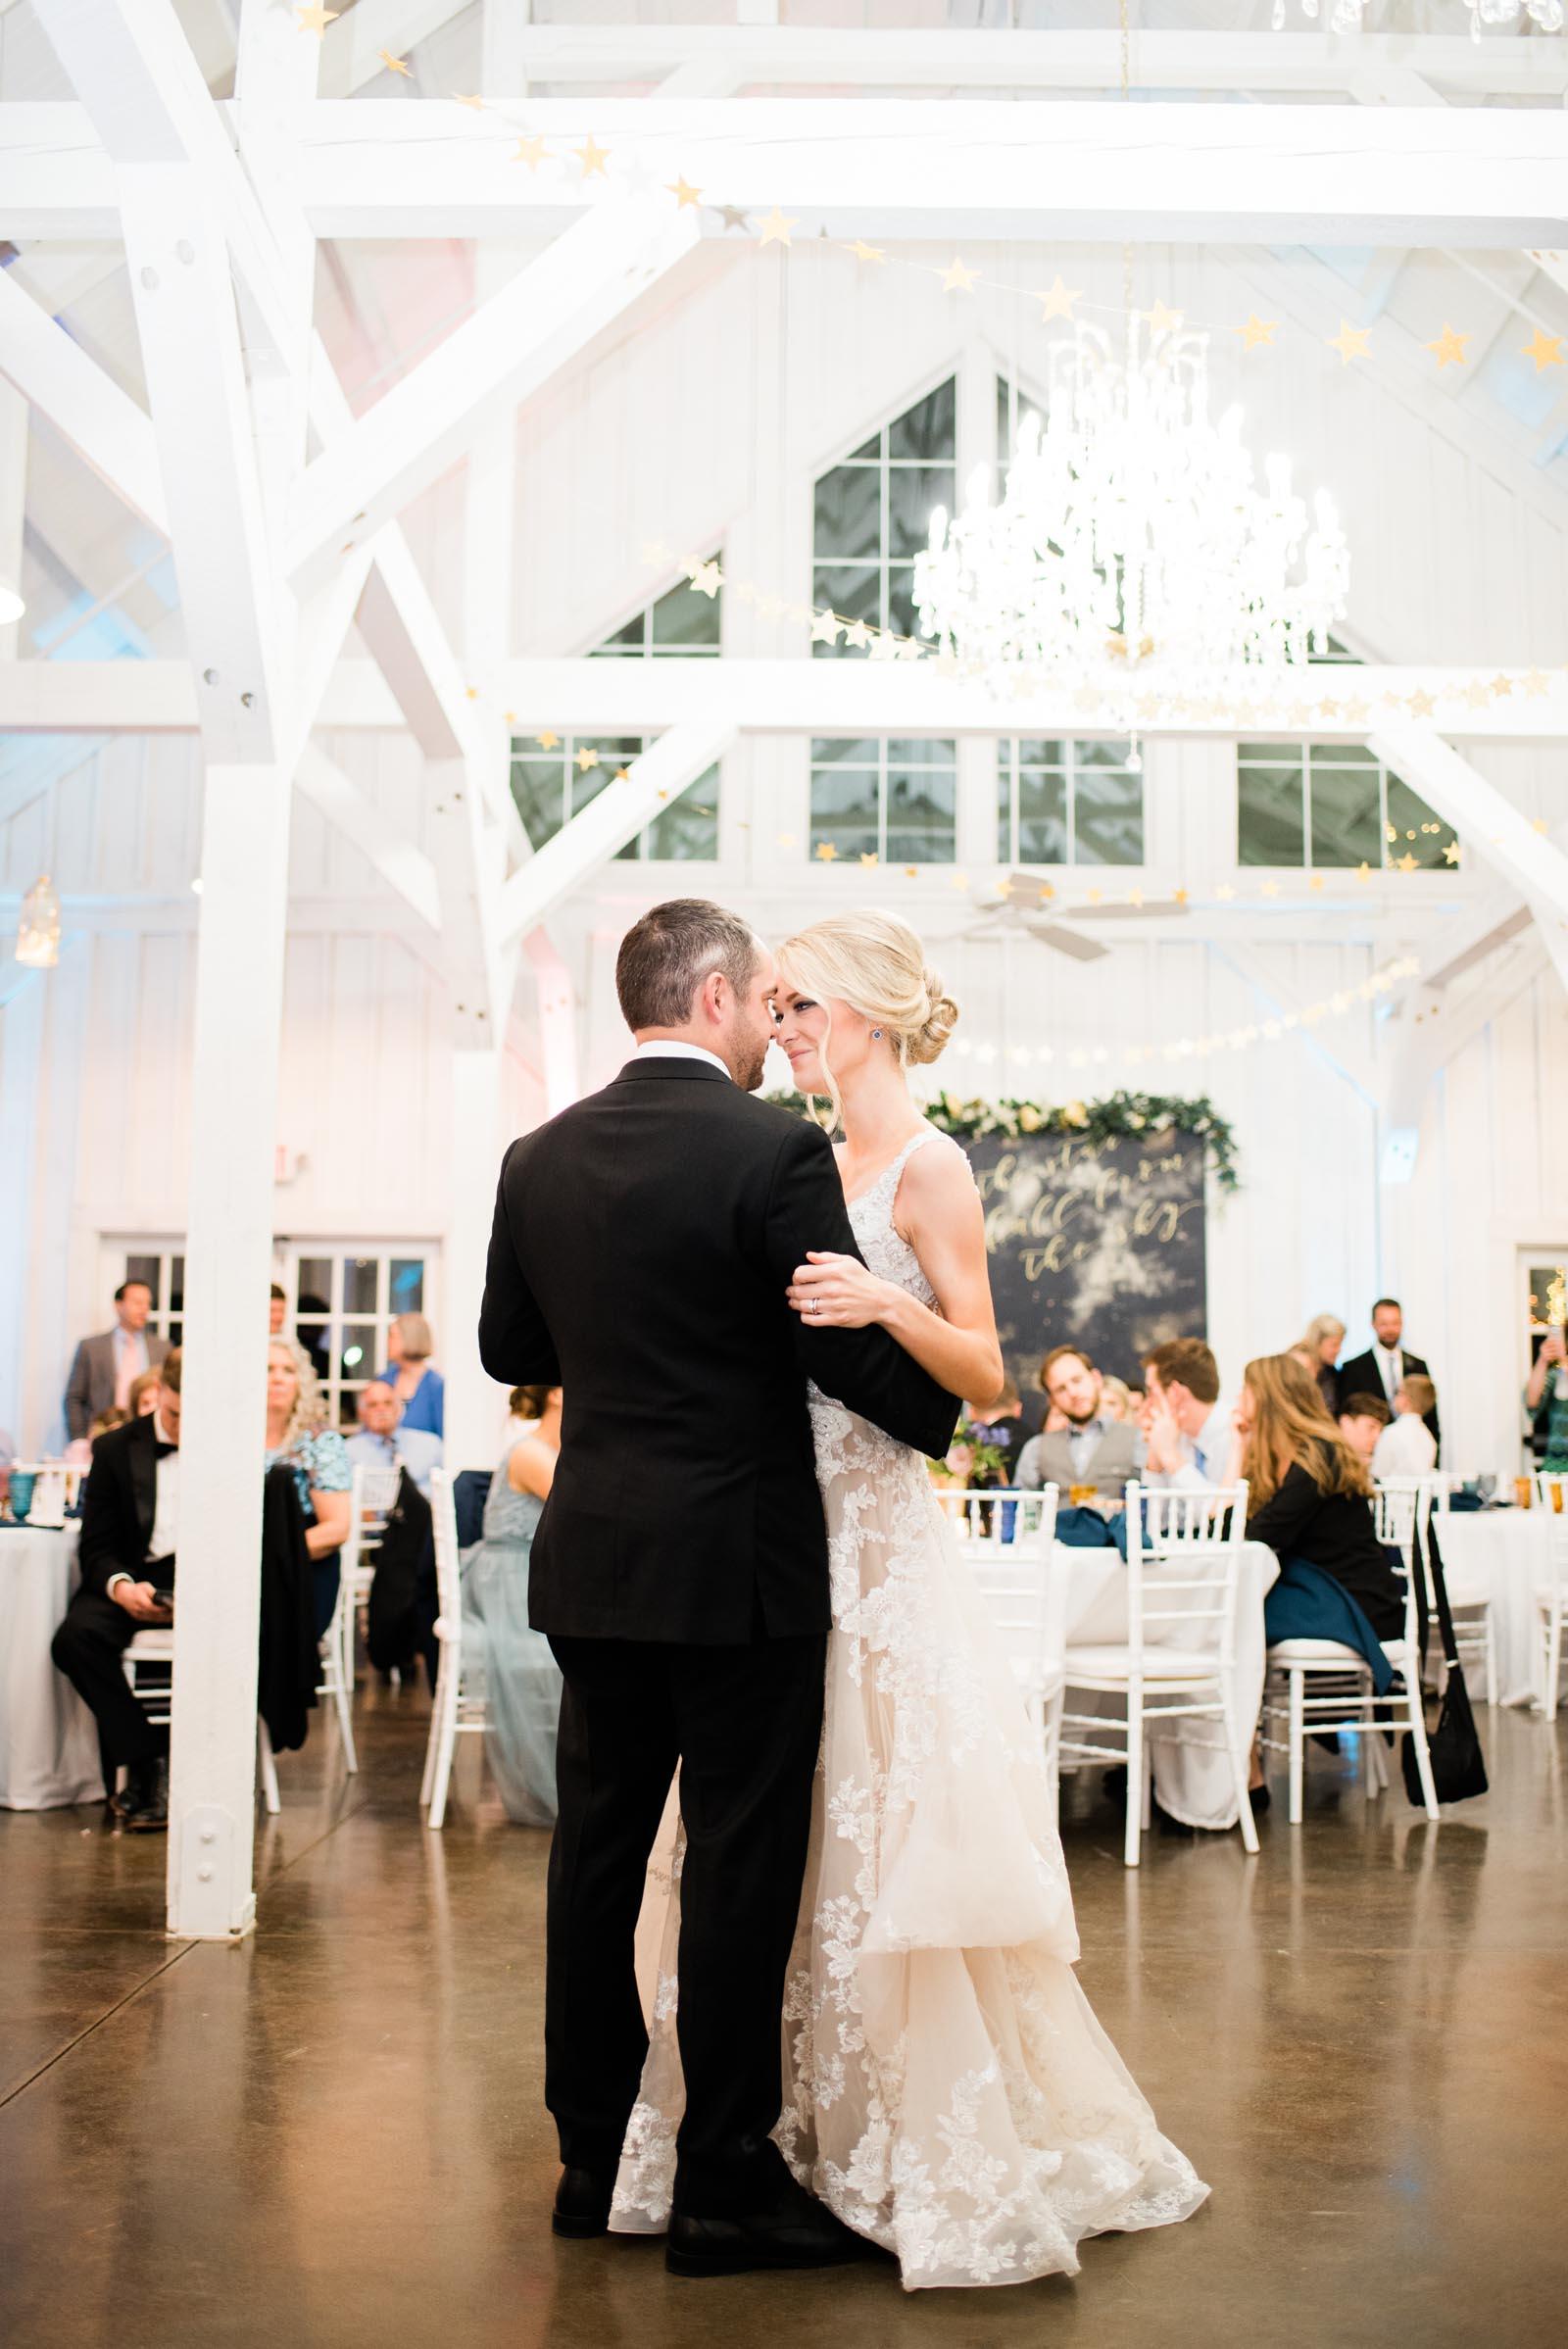 Aurora+Farms+Wedding+in+Greenville,+SC+Markie+Walden+Photography-109.jpg